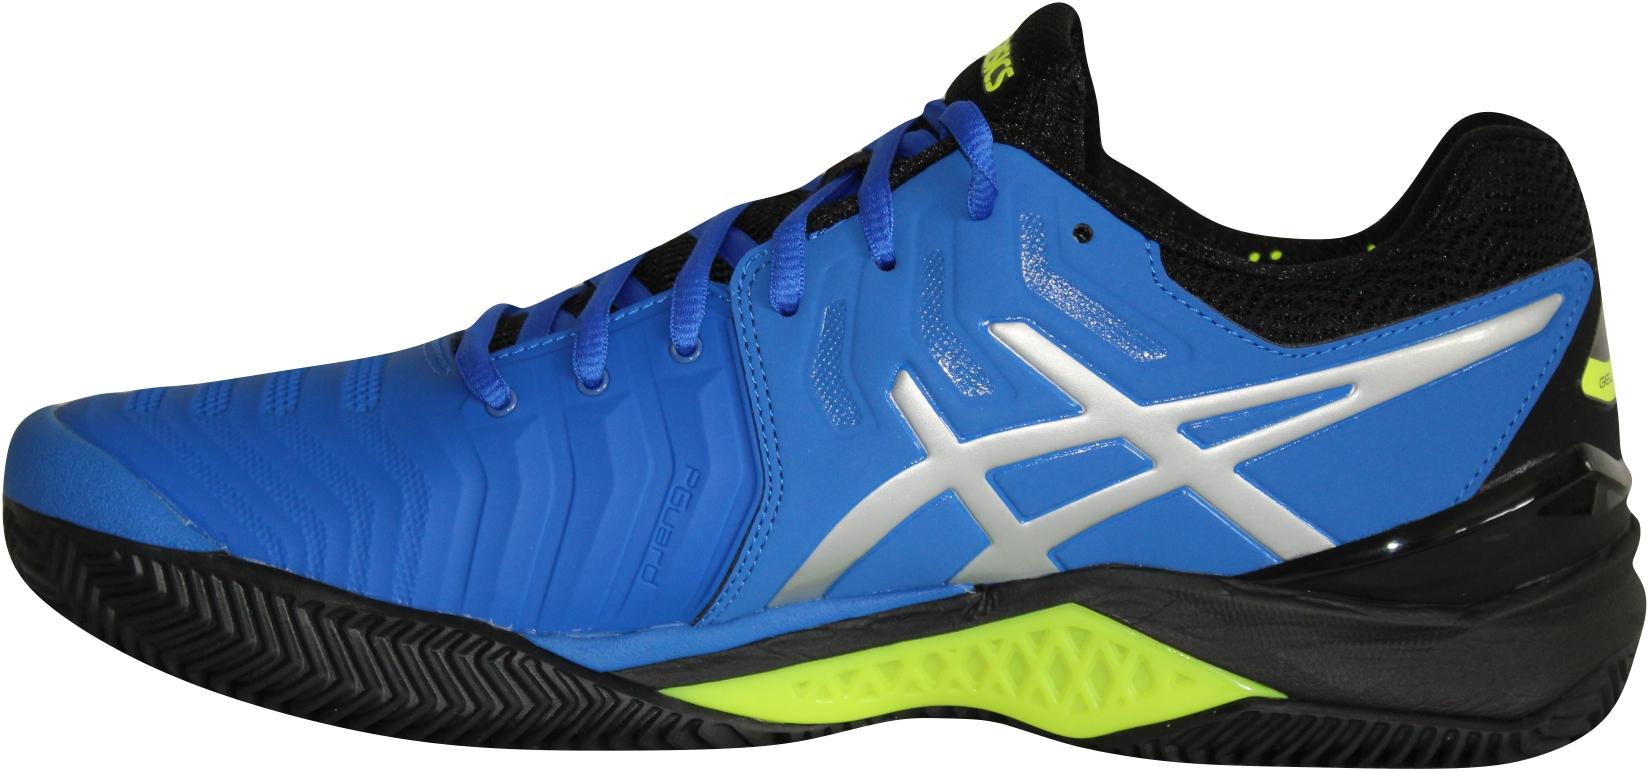 Asics Gel Resolution 7 Clay blaugelb Tennisschuhe Herren